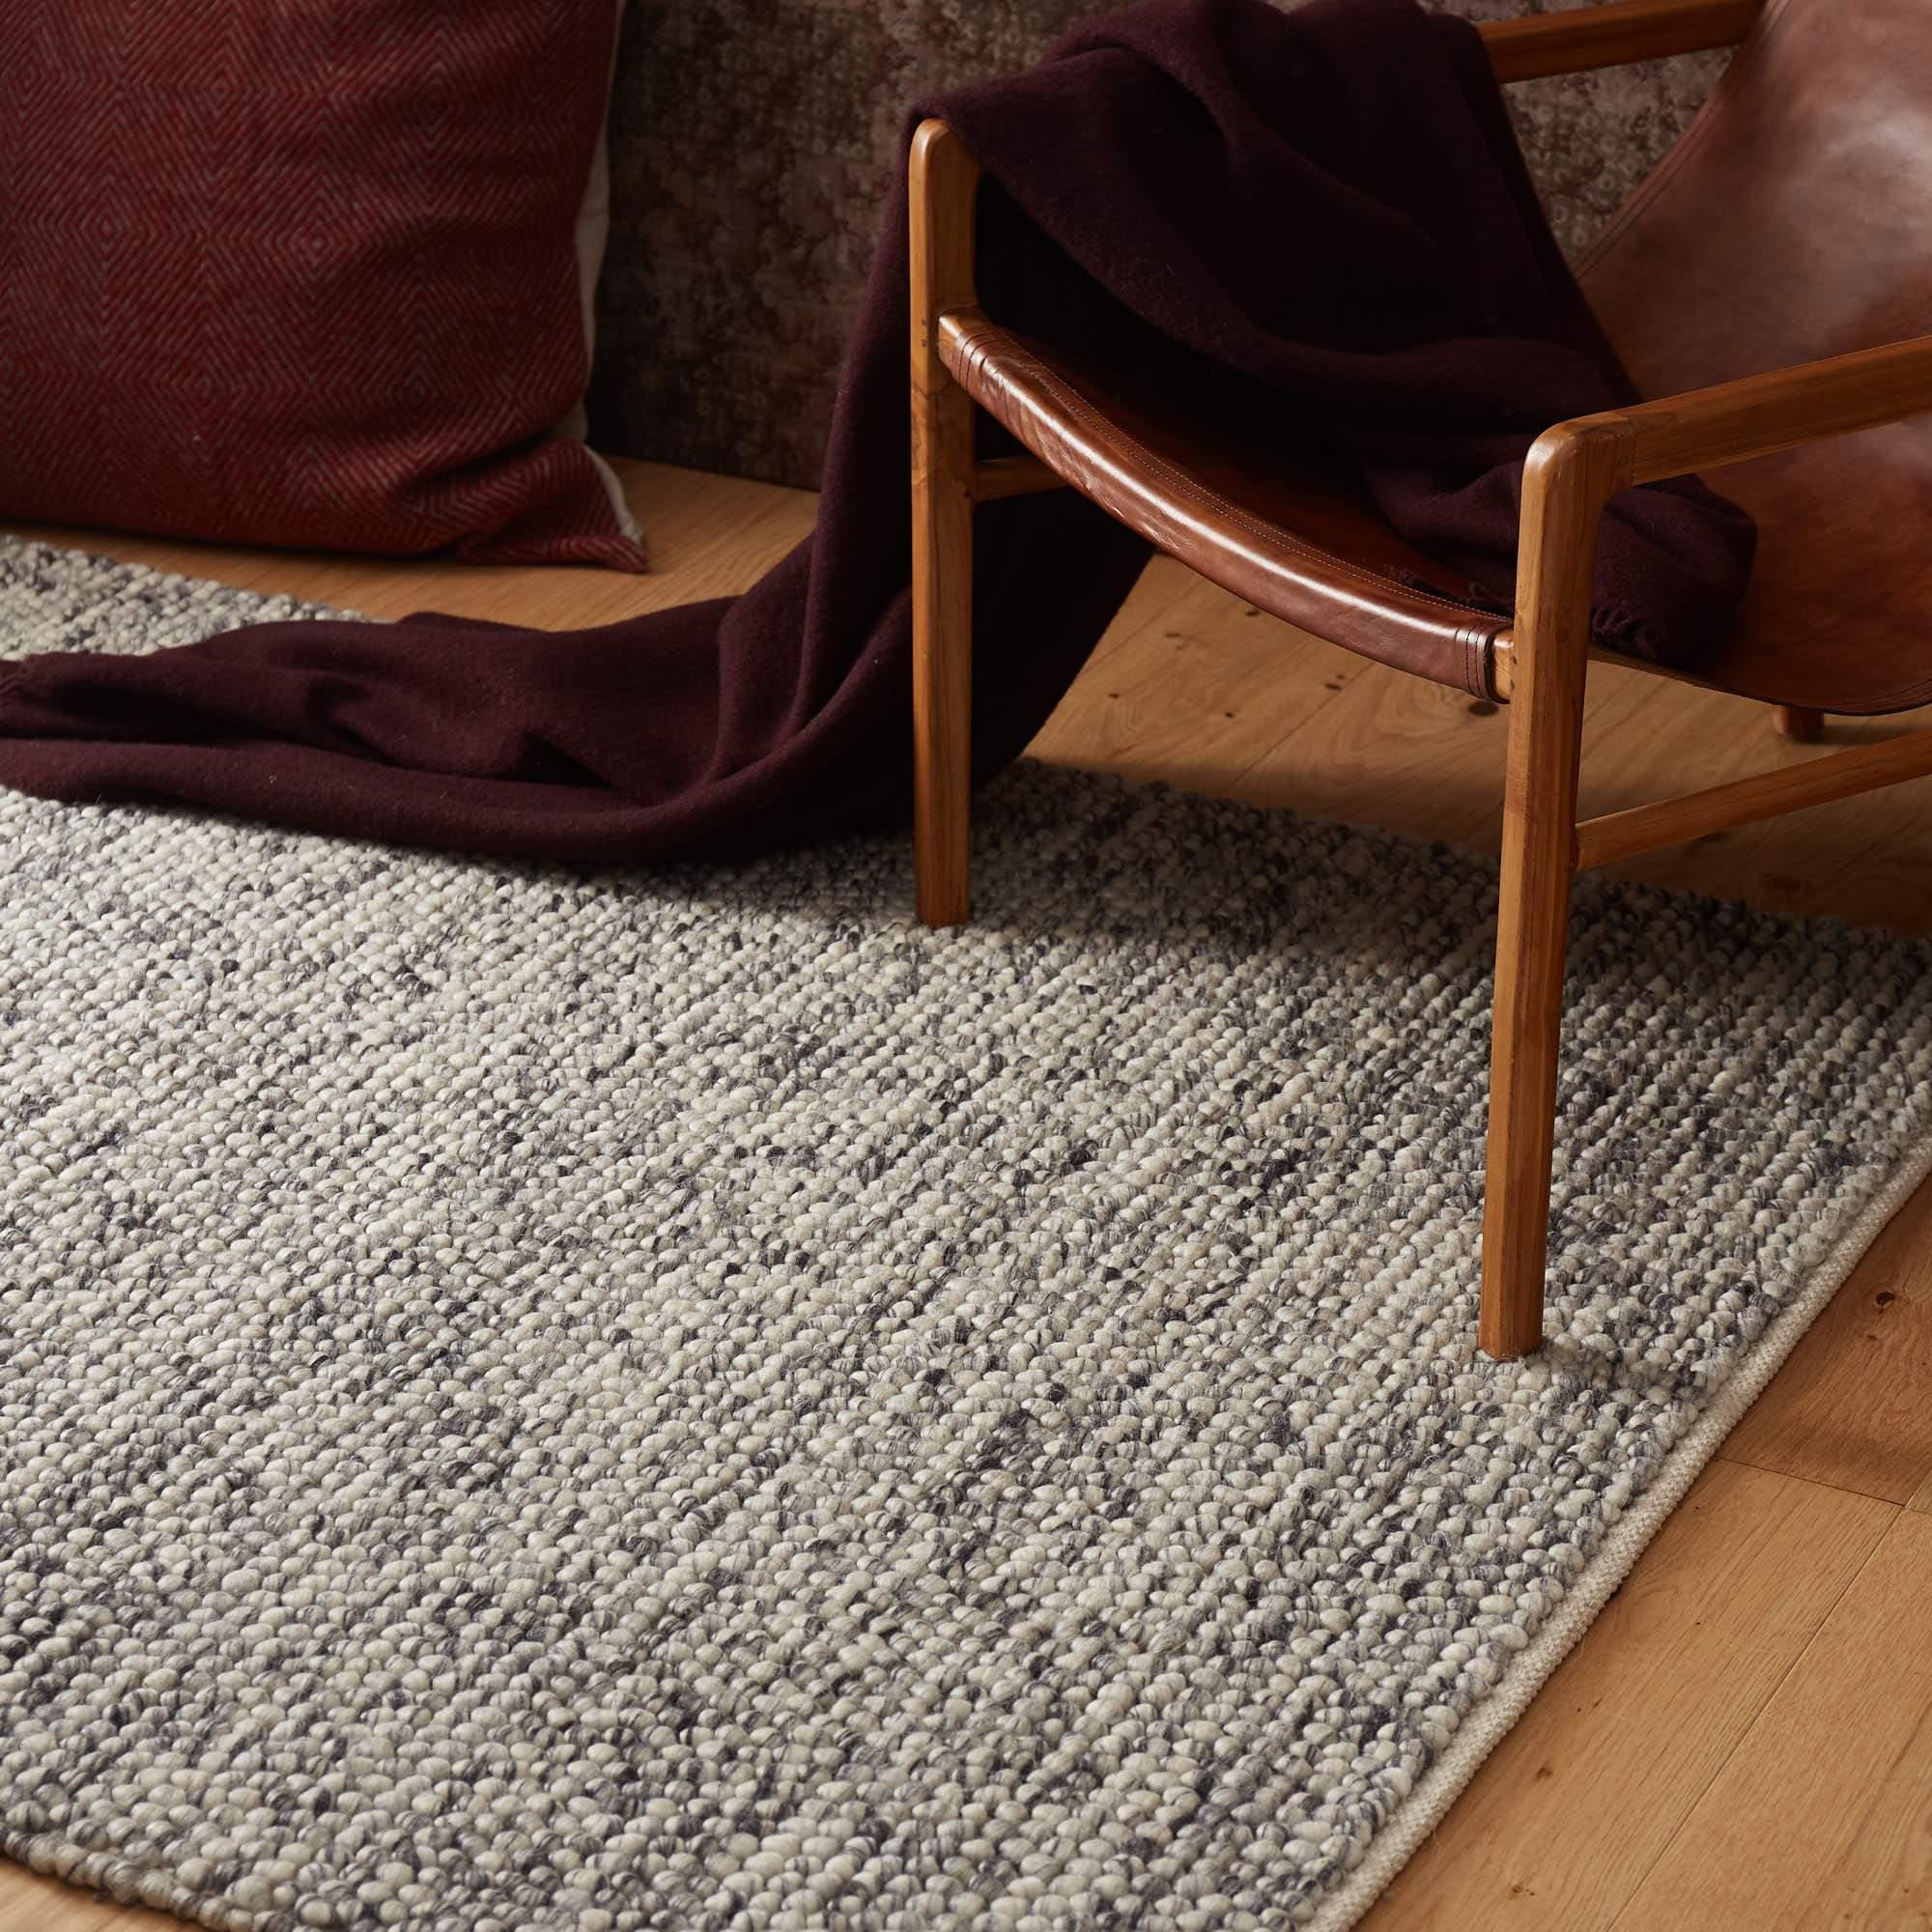 Full Size of Teppich 300x400 Wollteppich Ravi Bergro Wohnzimmer Teppiche Esstisch Für Küche Bad Badezimmer Schlafzimmer Steinteppich Wohnzimmer Teppich 300x400